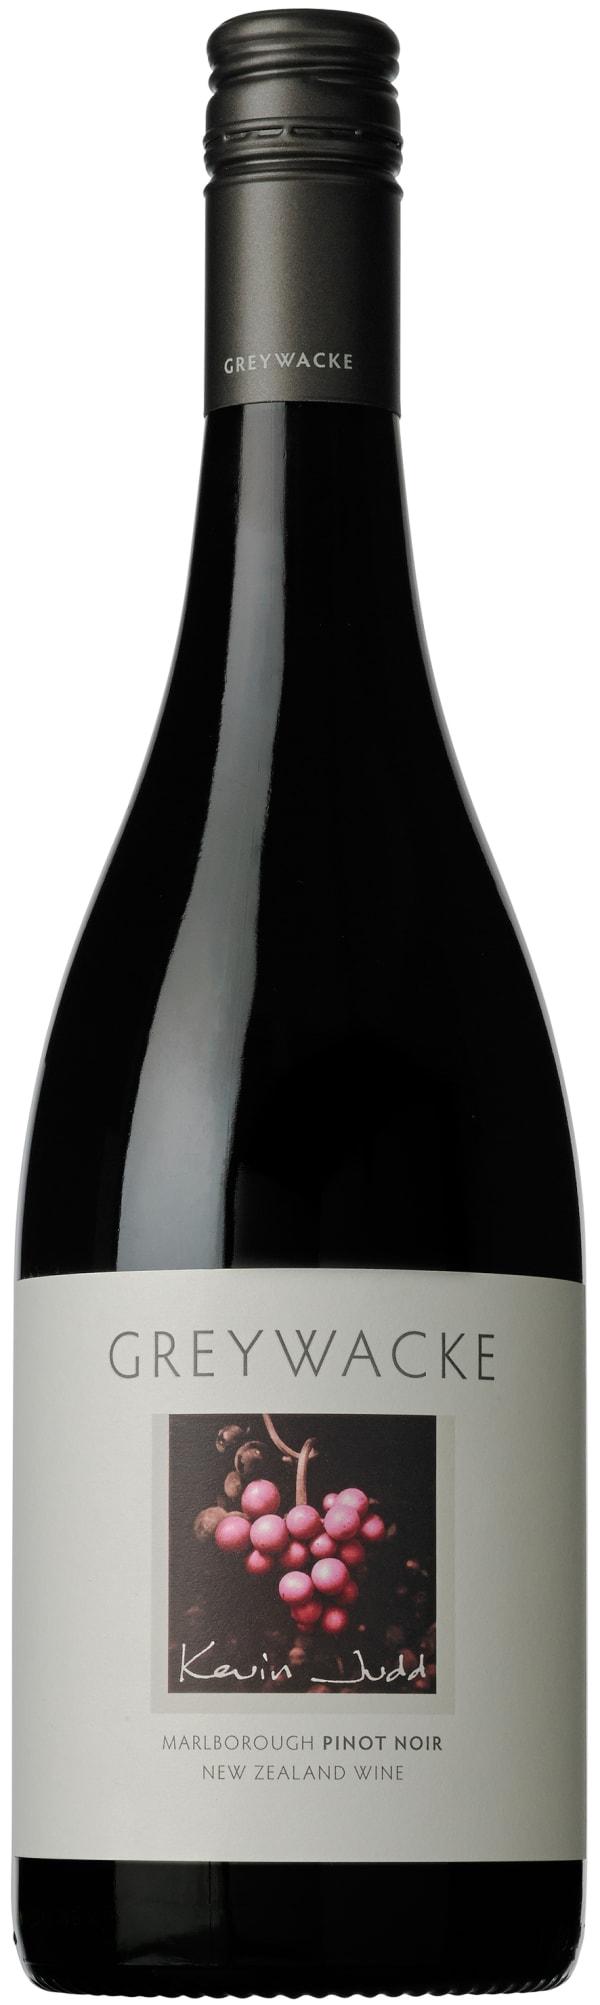 Greywacke Pinot Noir  2014